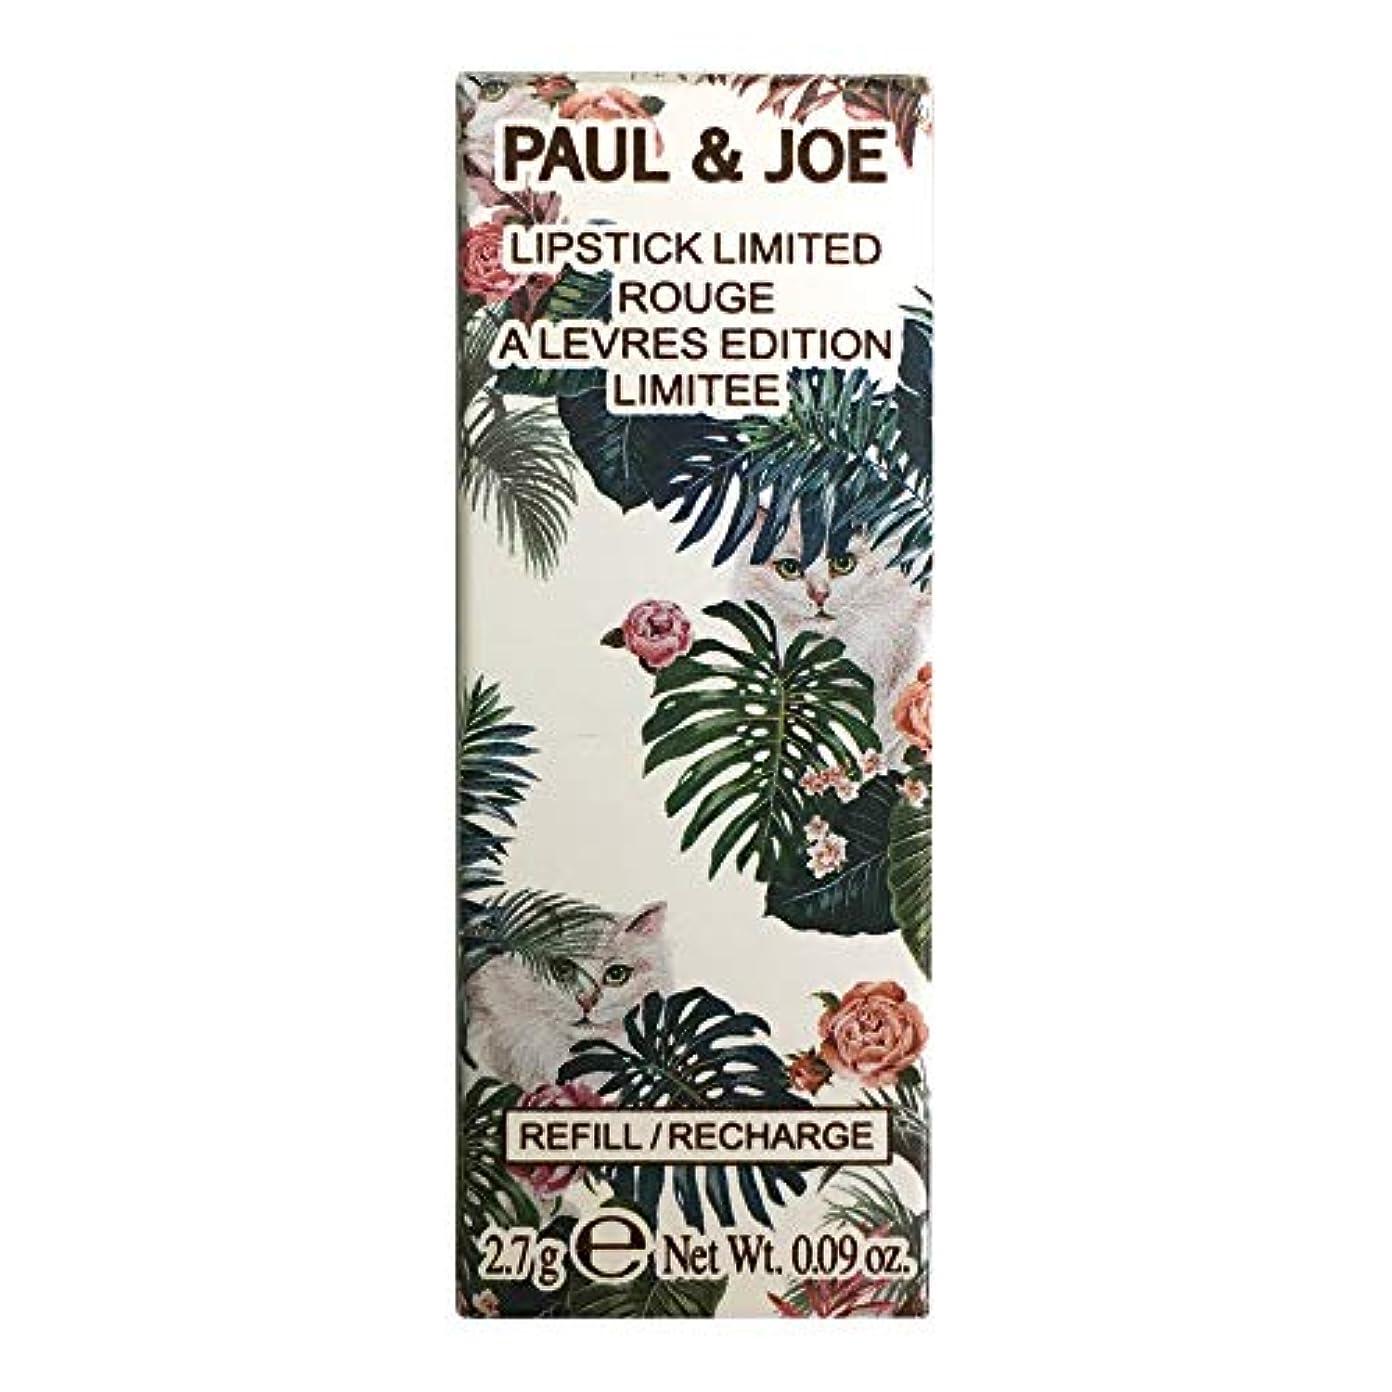 質量ヨーロッパバランスポール & ジョー/PAUL & JOE リップスティック リミテッド #007(レフィル) (限定) [ 口紅 ] [並行輸入品]